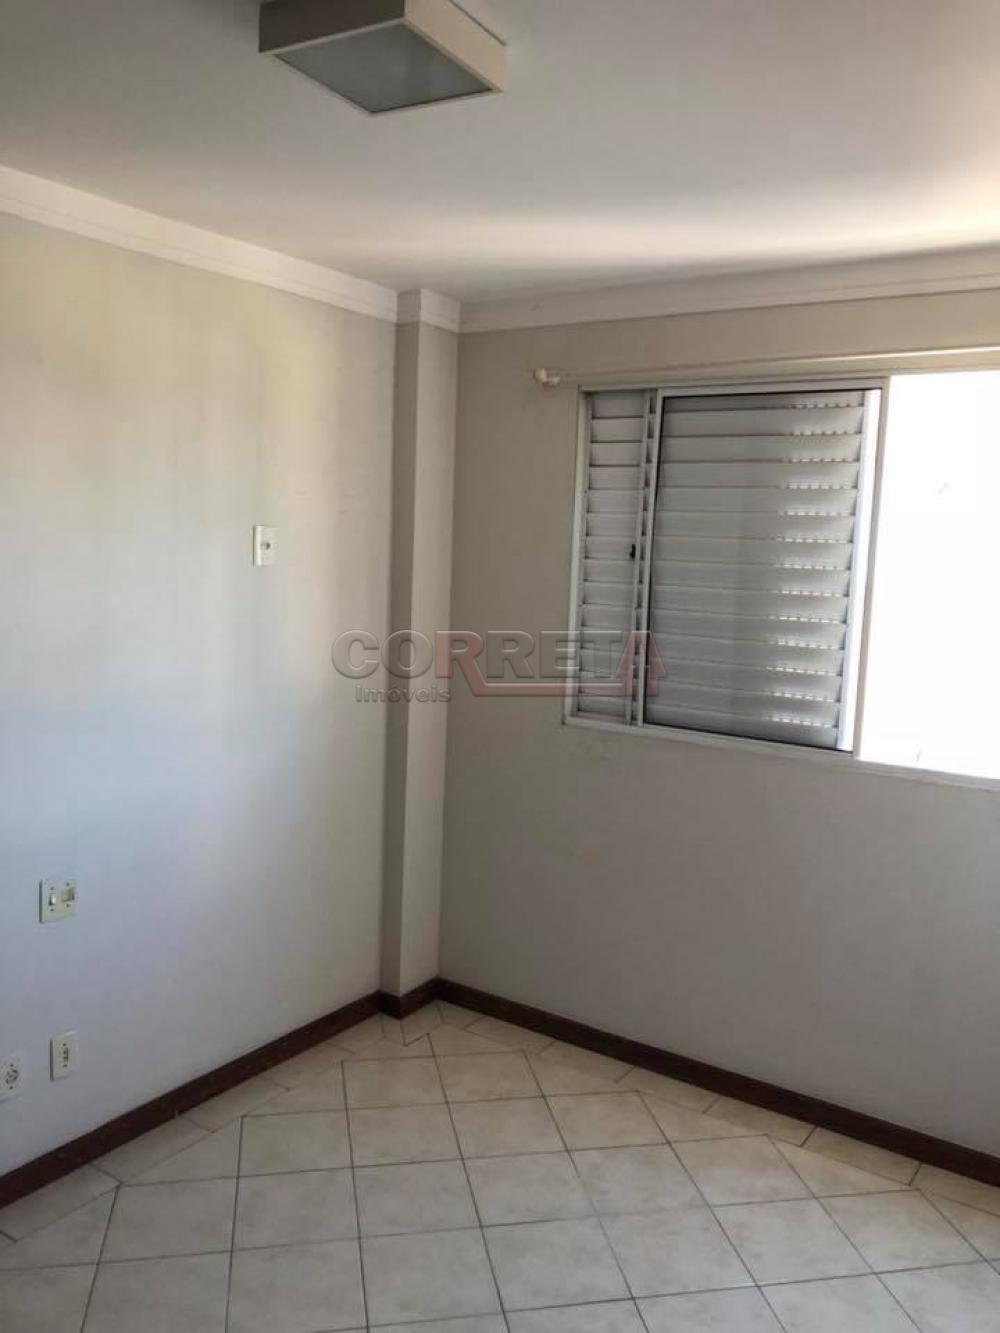 Comprar Apartamento / Padrão em Araçatuba apenas R$ 275.000,00 - Foto 8